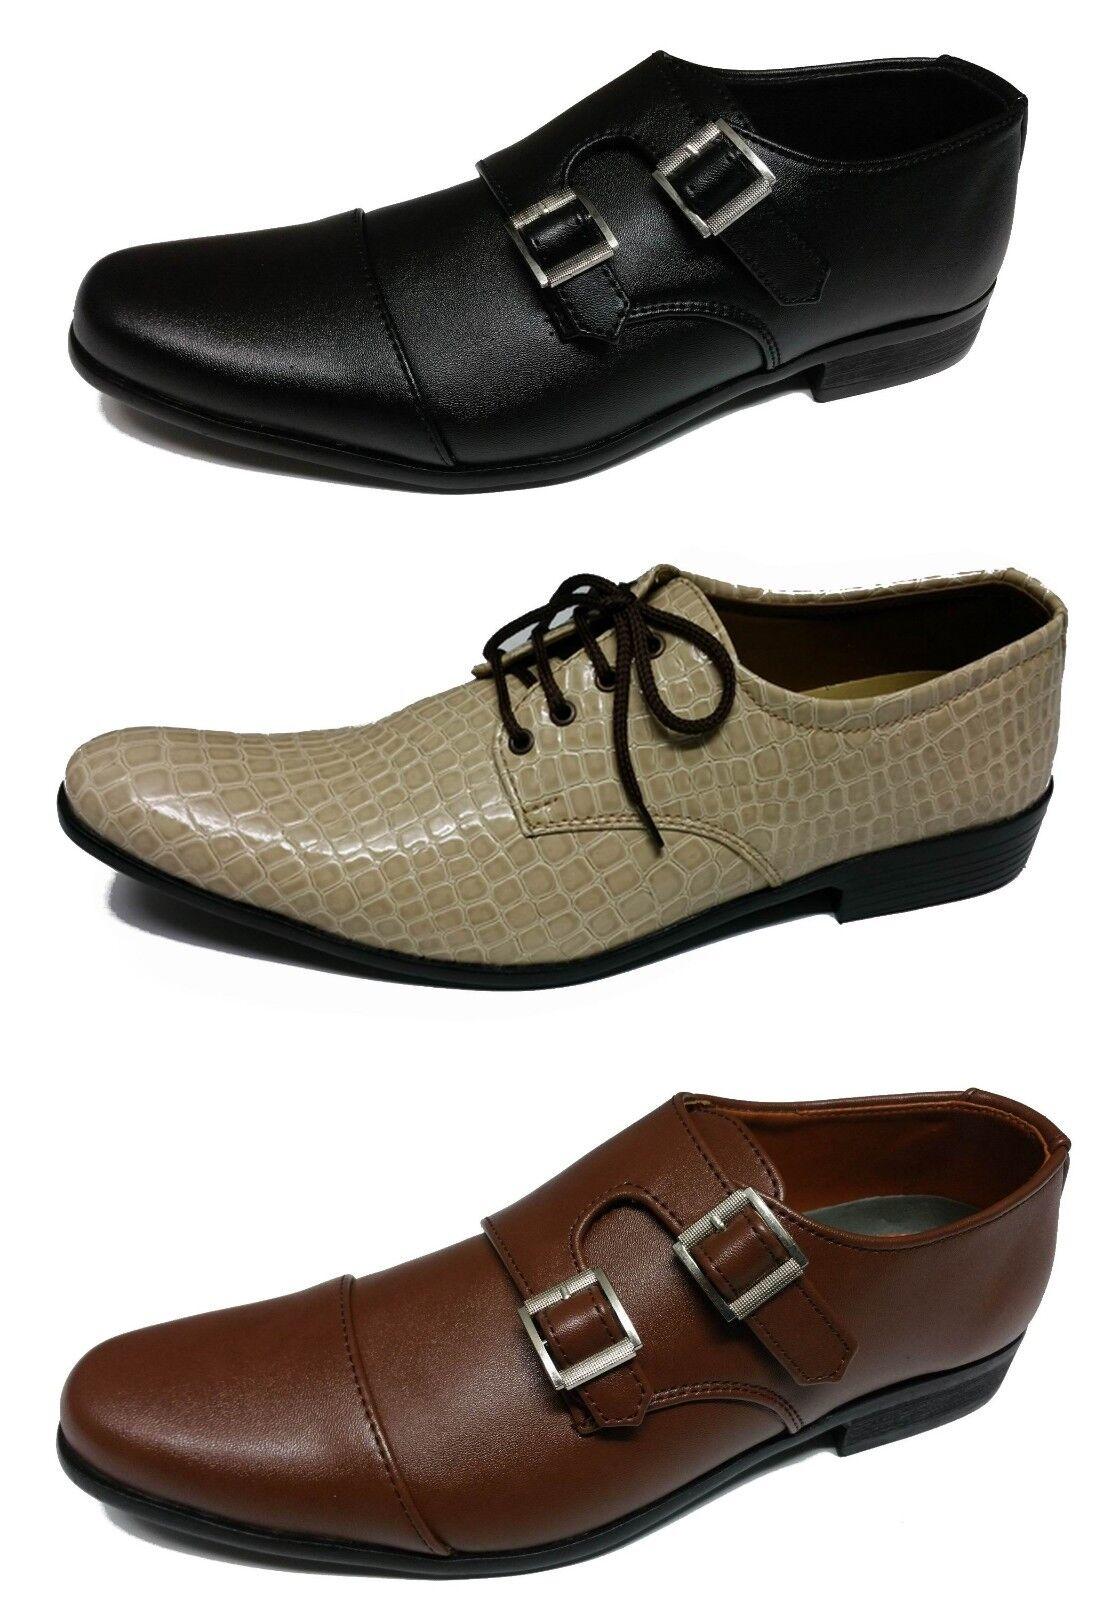 Shumaxx Hombre Zapatos Hombre BURLINGTON FORMAL DRESS Style Hombre Zapatos CREAM Negro 2ba3fc